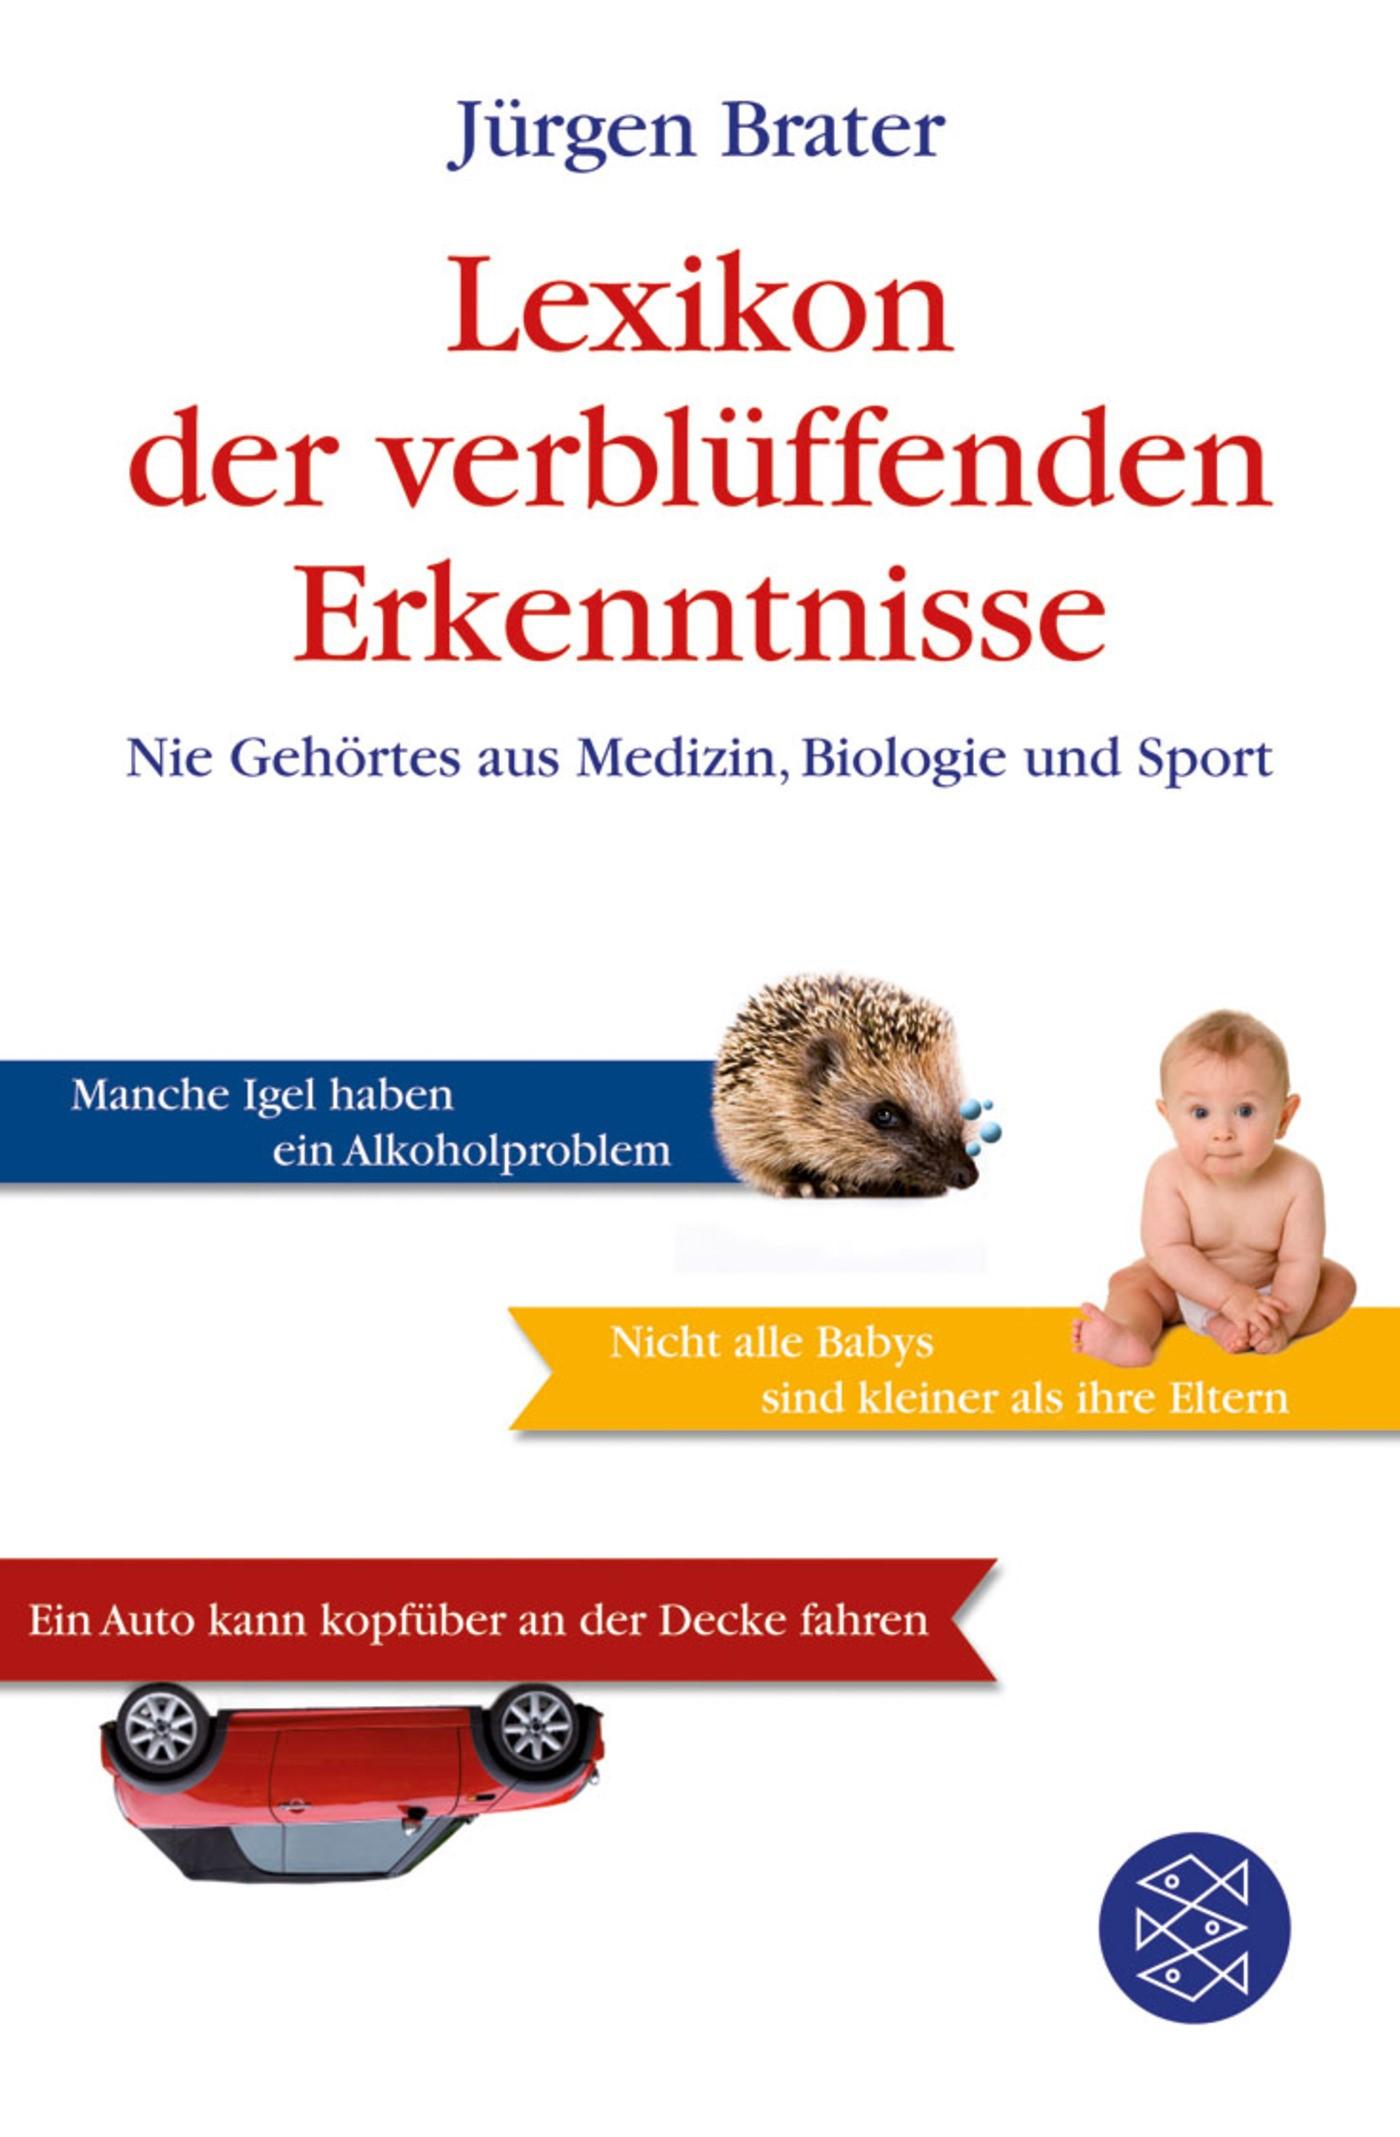 Lexikon der verblüffenden Erkenntnisse | Brater, 2009 | Buch (Cover)